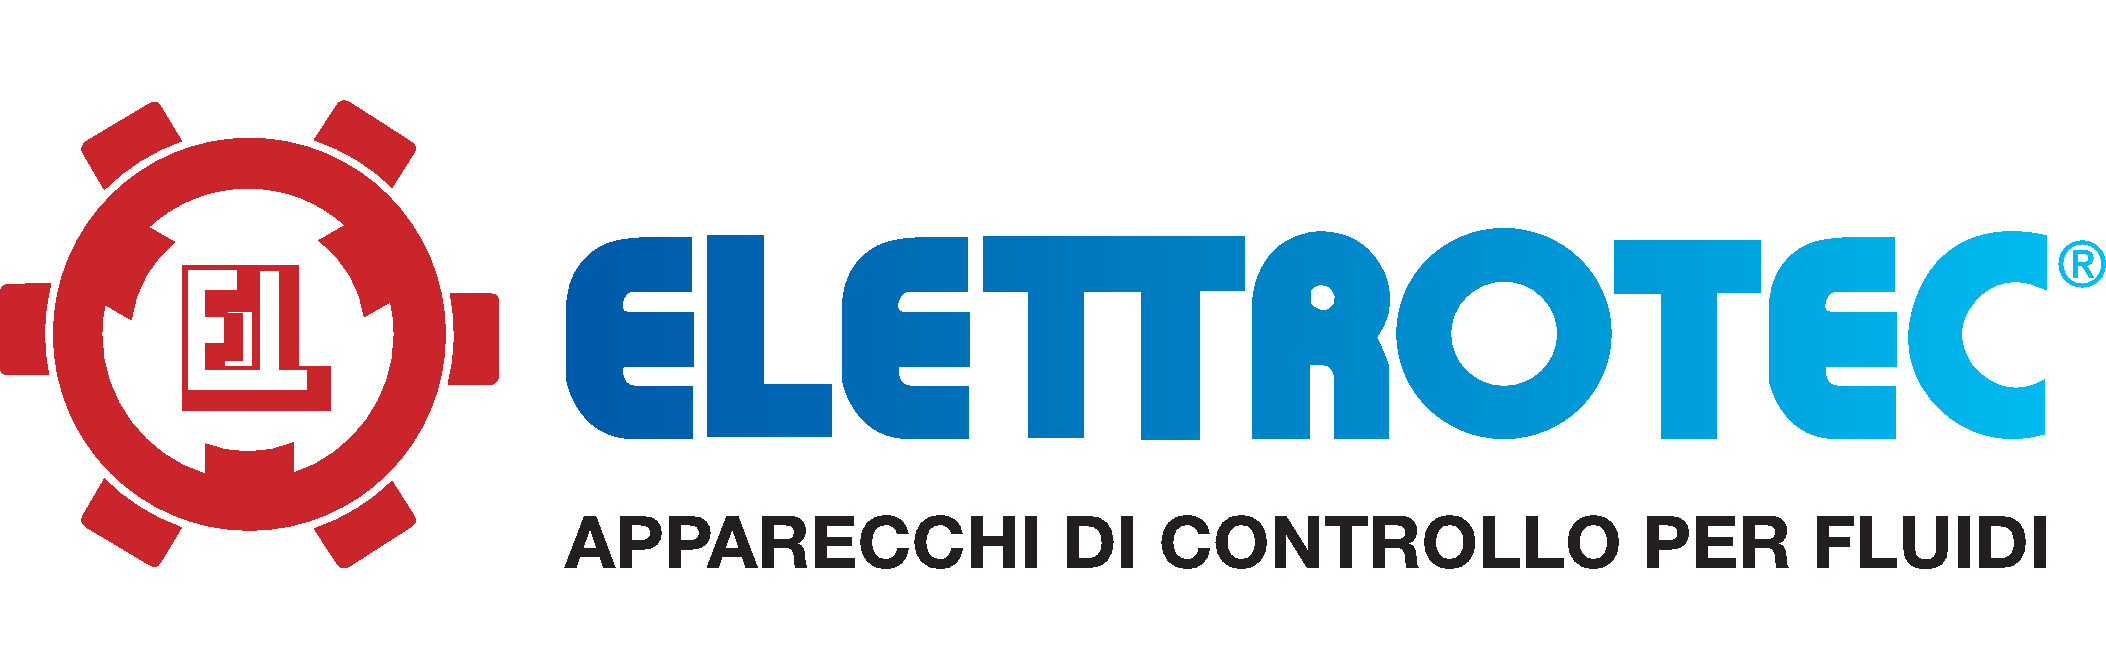 Elettrotec